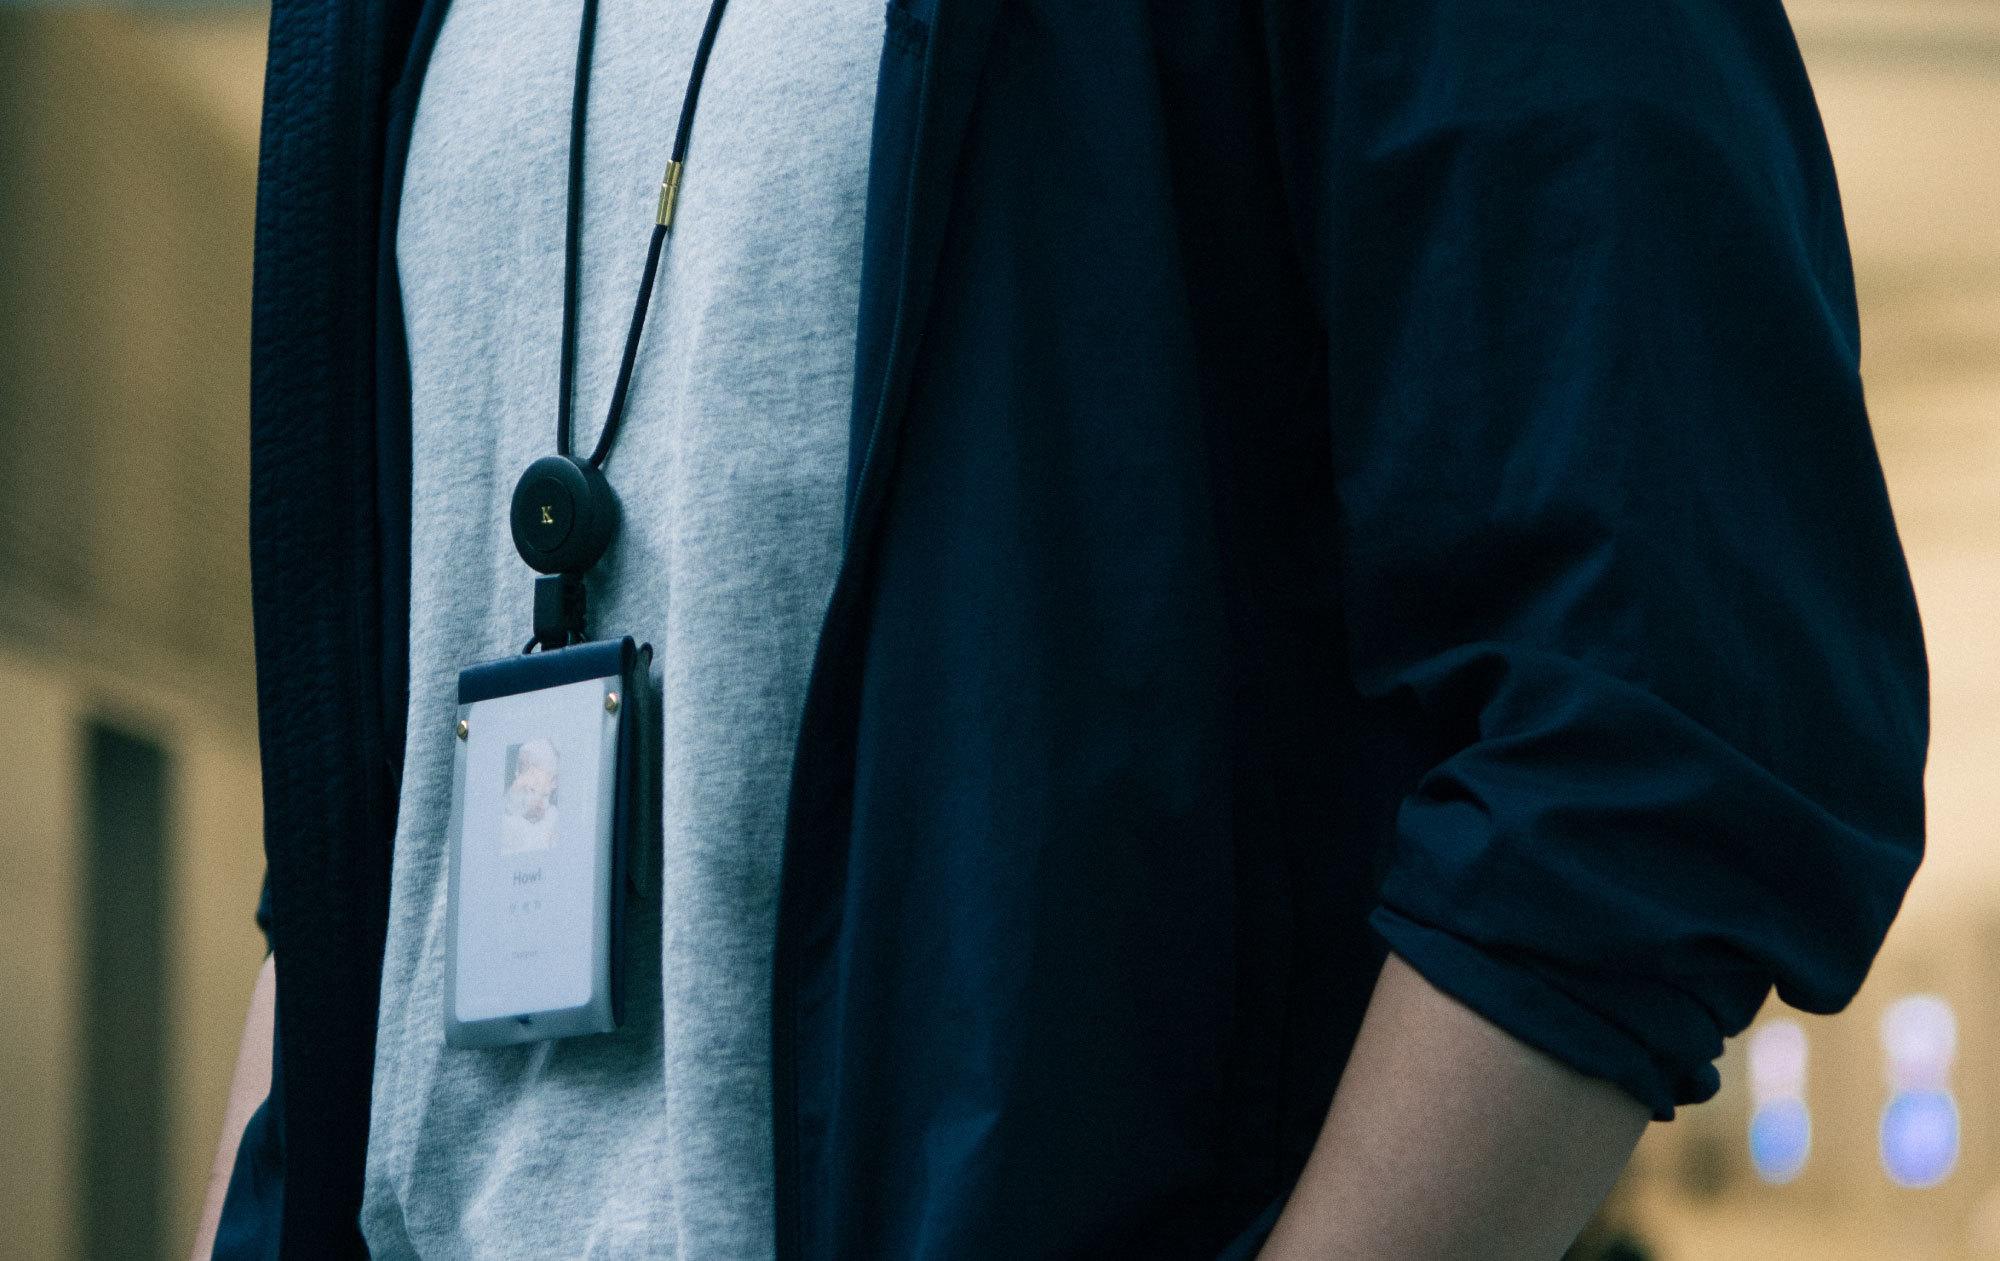 送男同事離職禮物0.9badge雙面感應證件套掛在脖子上,舒適好用,祝福凸顯未來工作專業形象